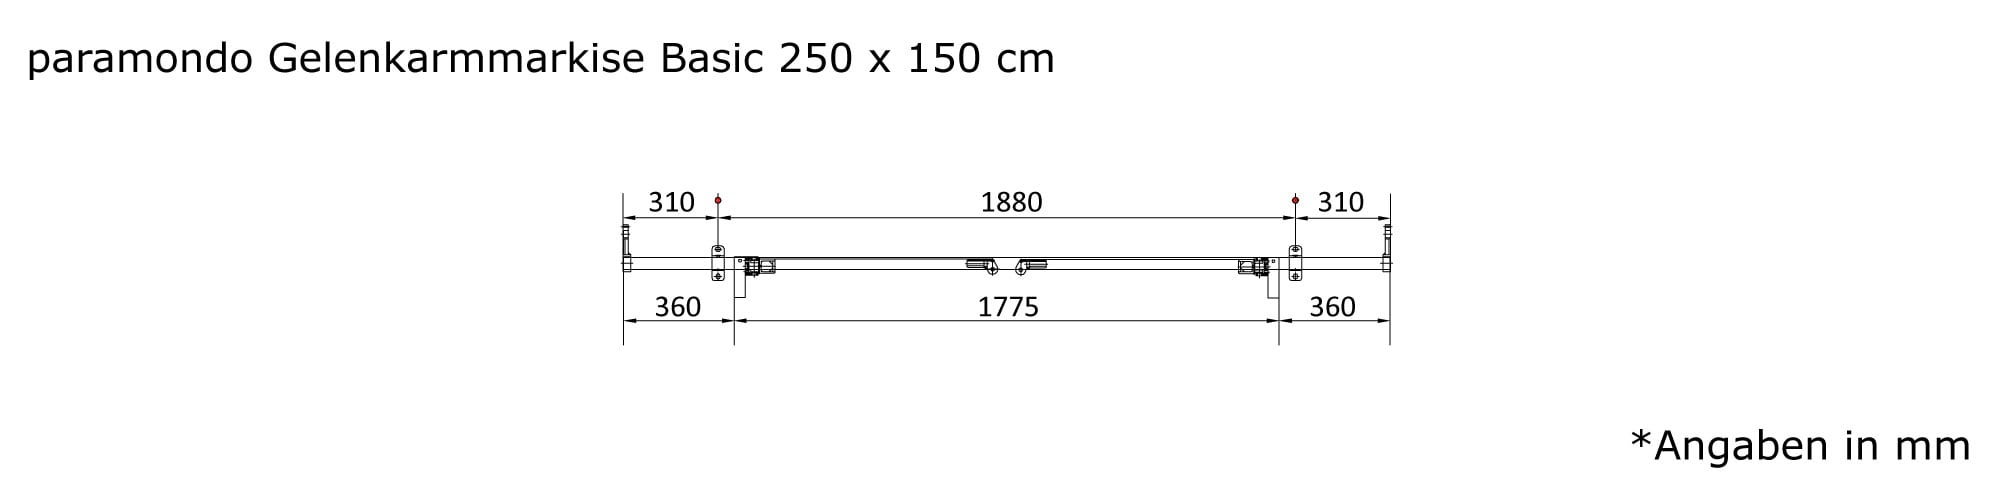 JAROLIFT Gelenkarmmarkise Basic - Abmessungen